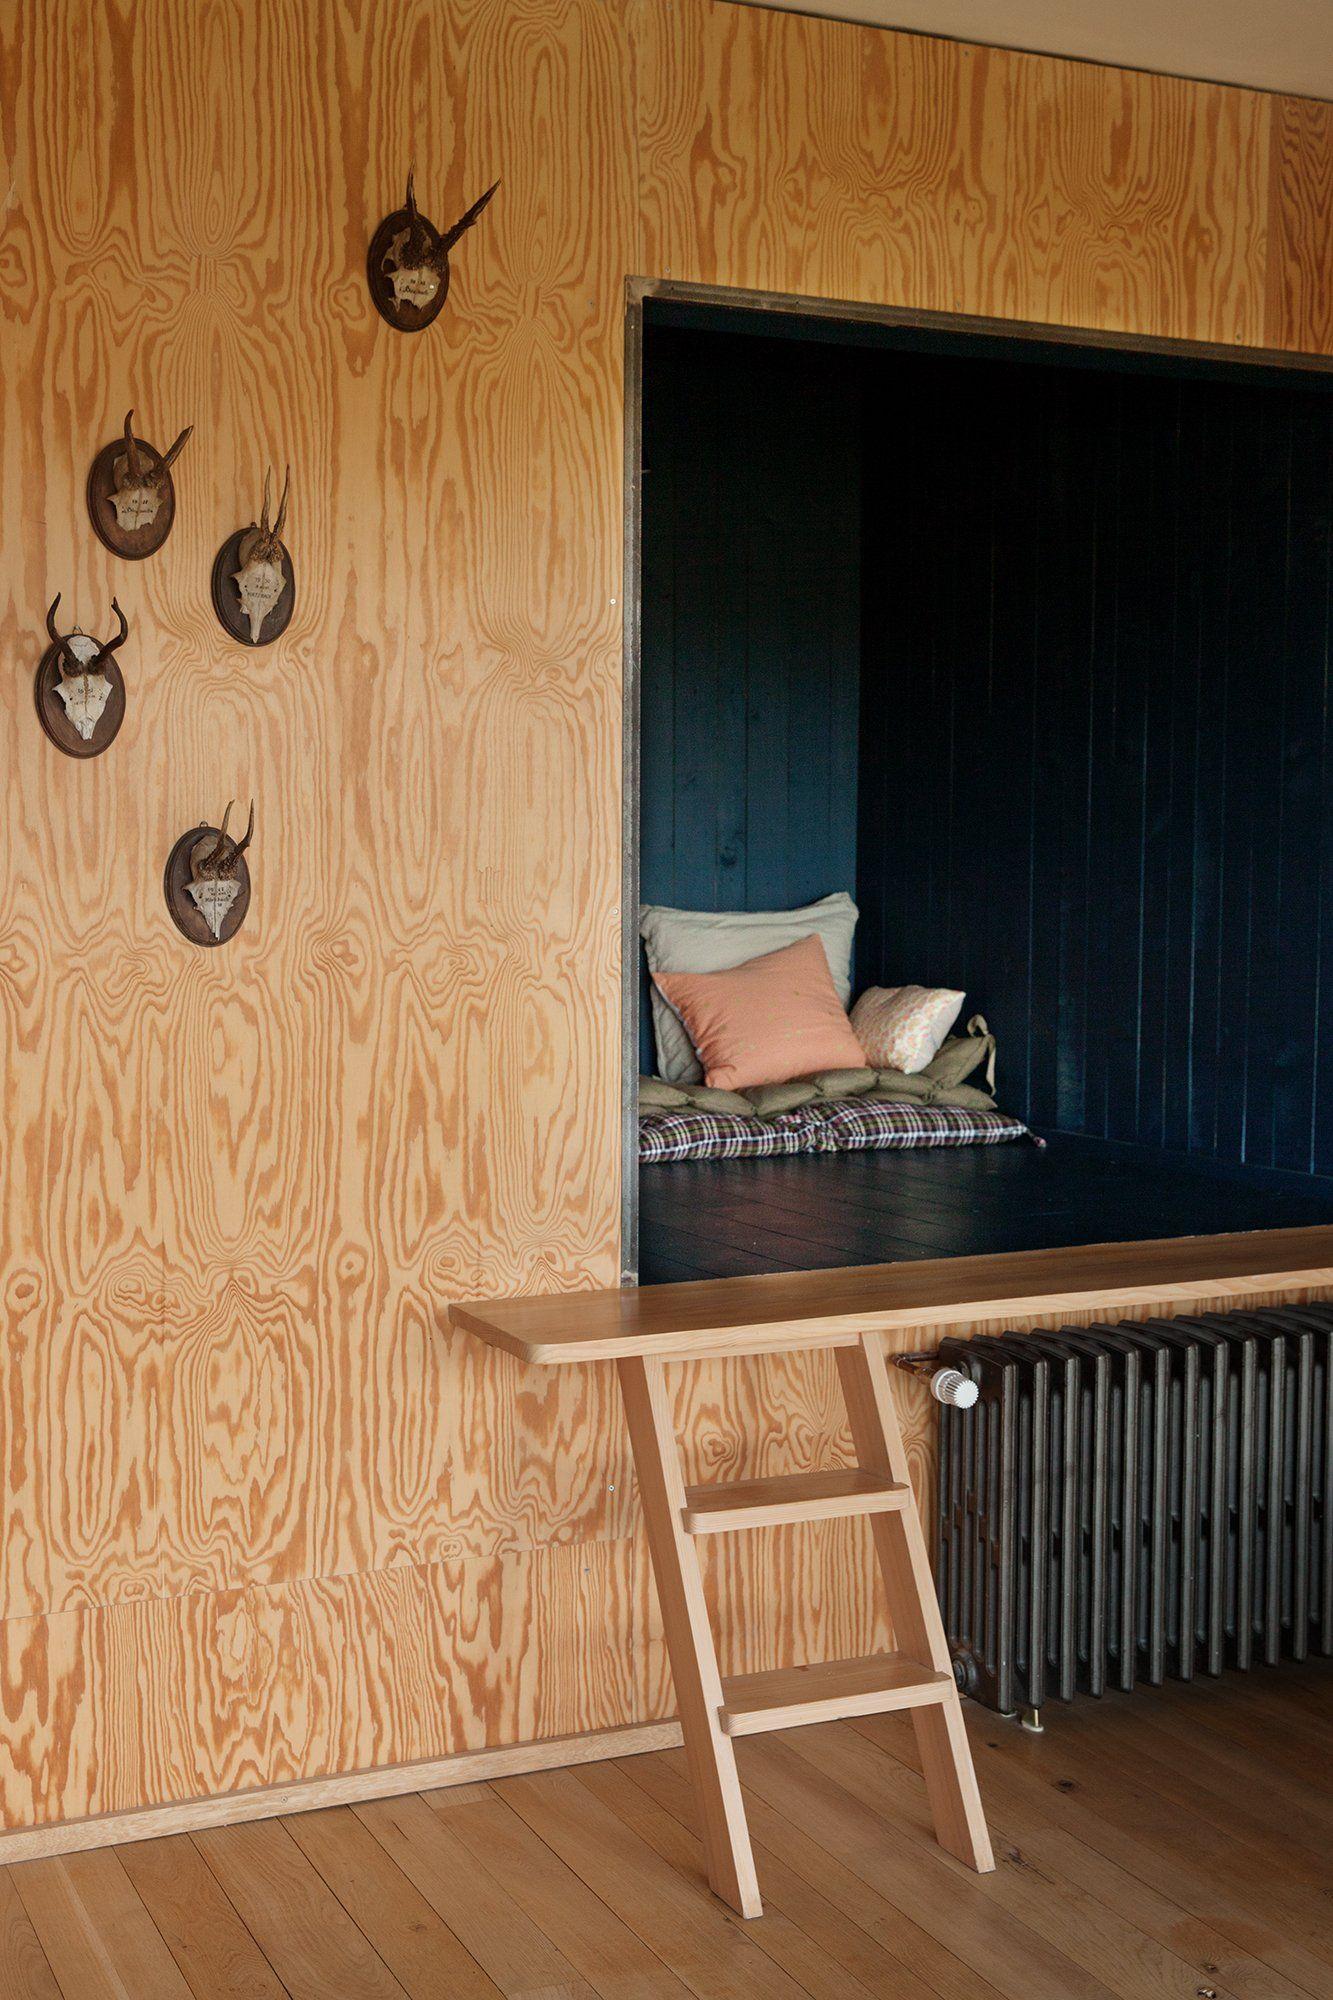 Anne Hubert Et Jeff Louise 19 Ans Violette 7 Ans Decoration Chambre Enfant Interieur Maison Decoration Interieure Facile